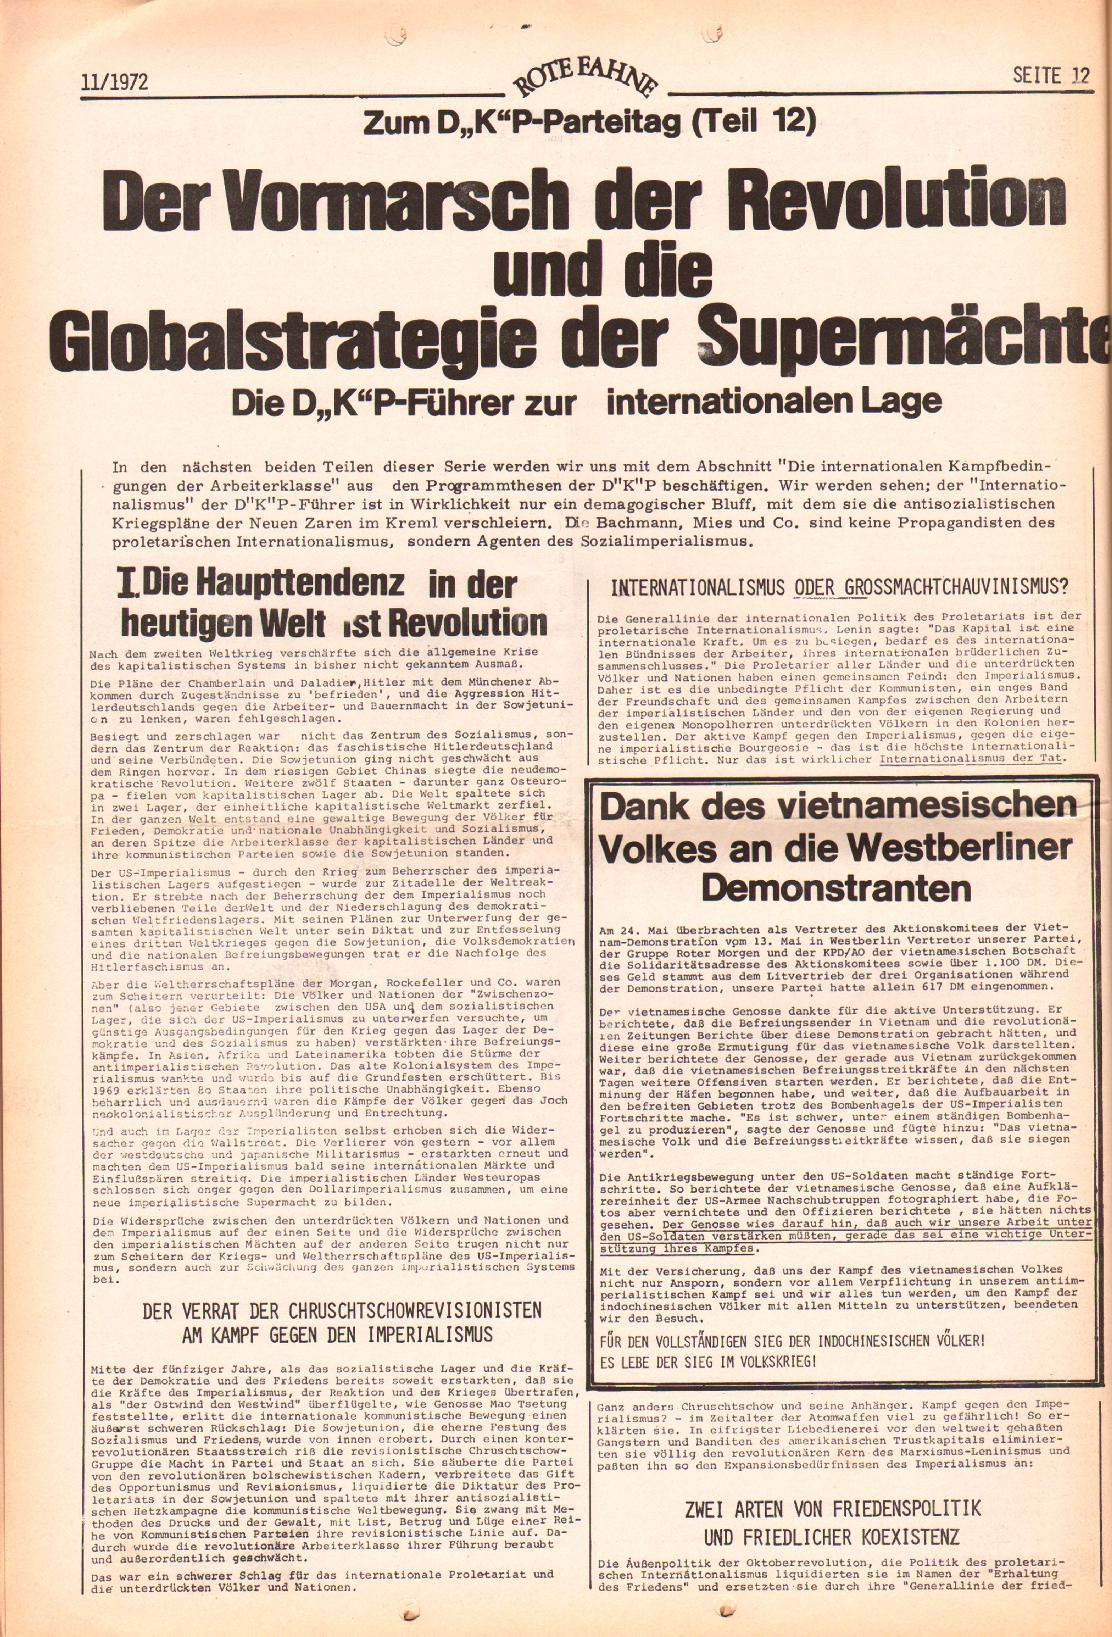 Rote Fahne, 3. Jg., 29.5.1972, Nr. 11, Seite 12